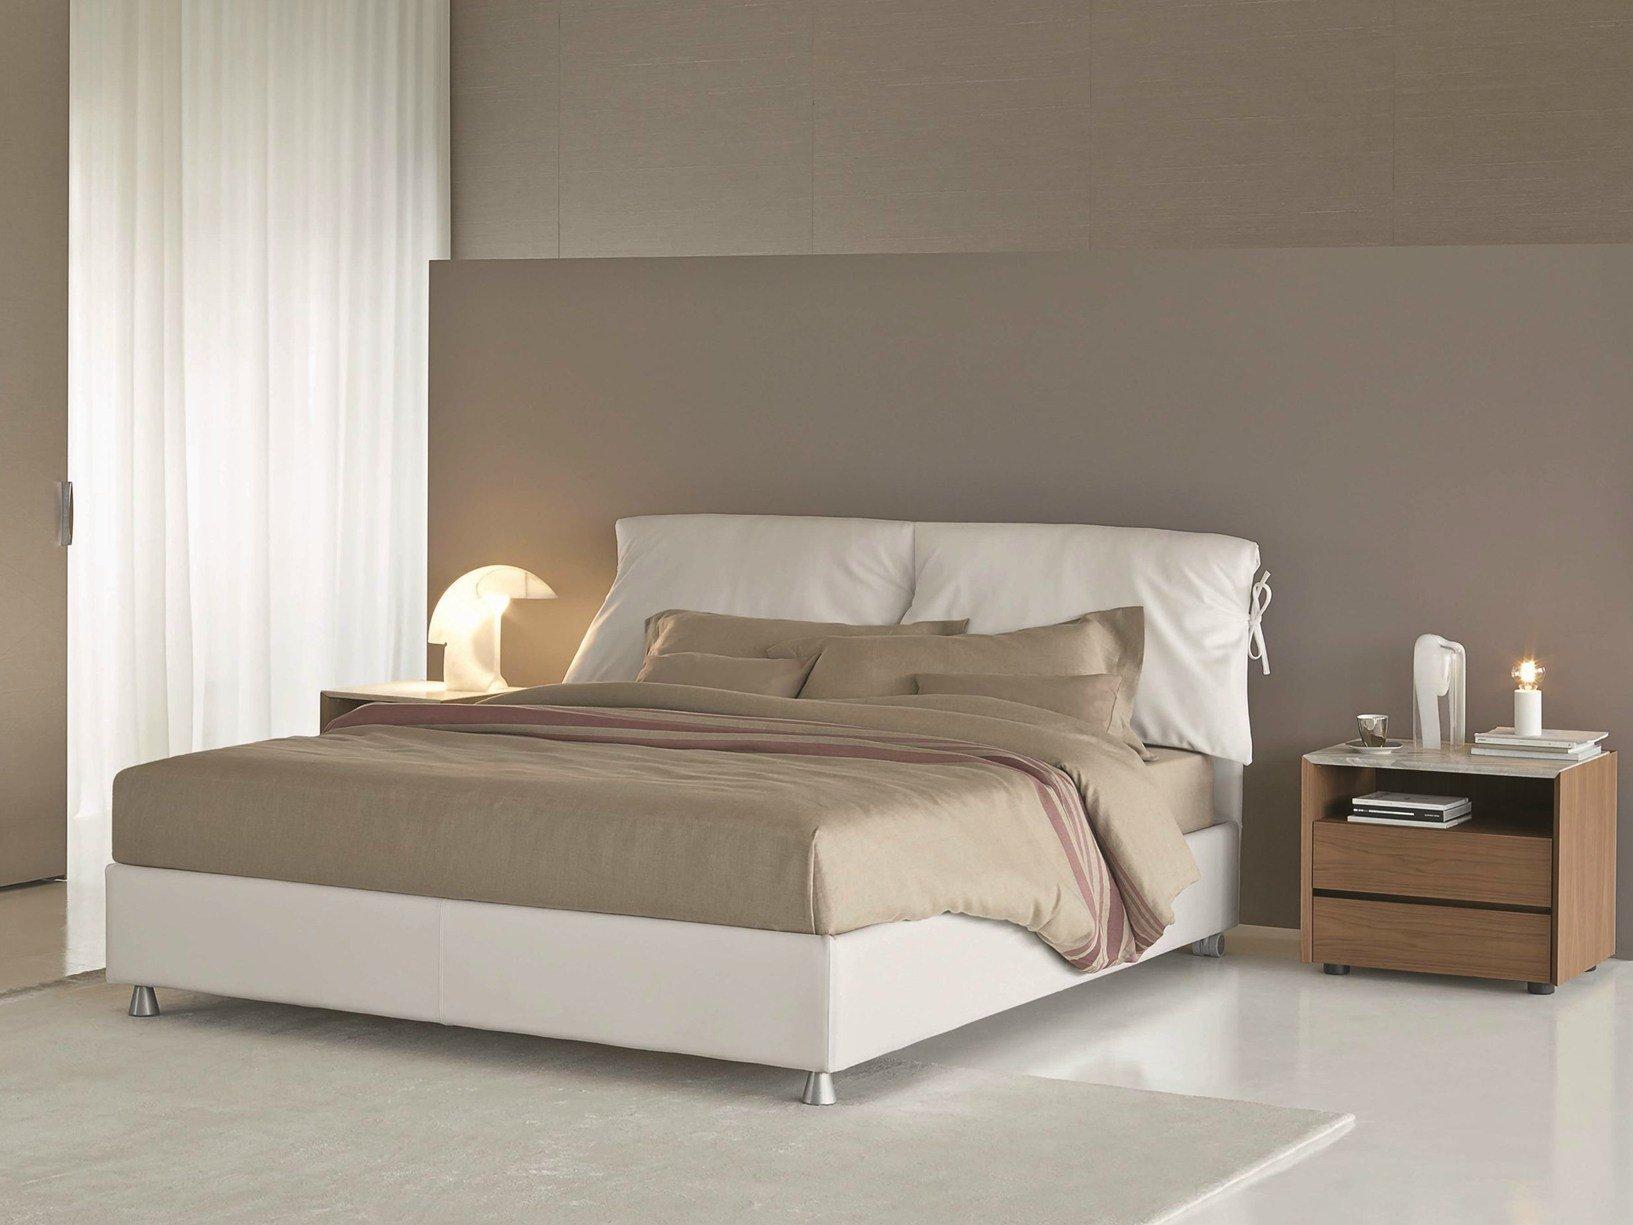 La cultura del dormire secondo flou - Prezzo letto nathalie flou ...